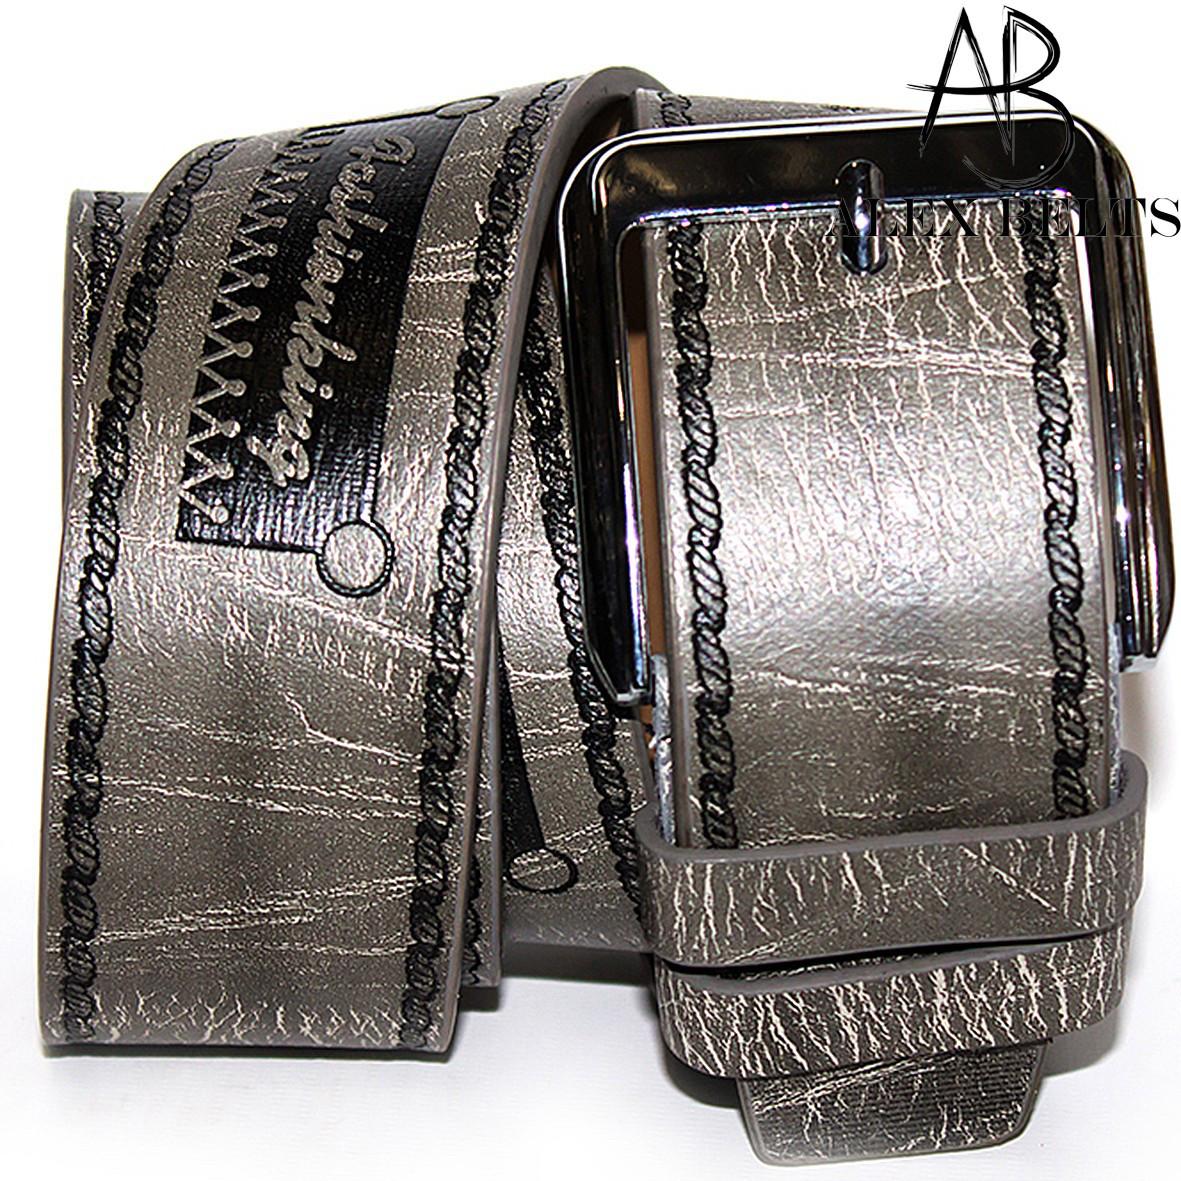 Ремень мужской джинсовый заменитель 45 мм - купить оптом в Одессе